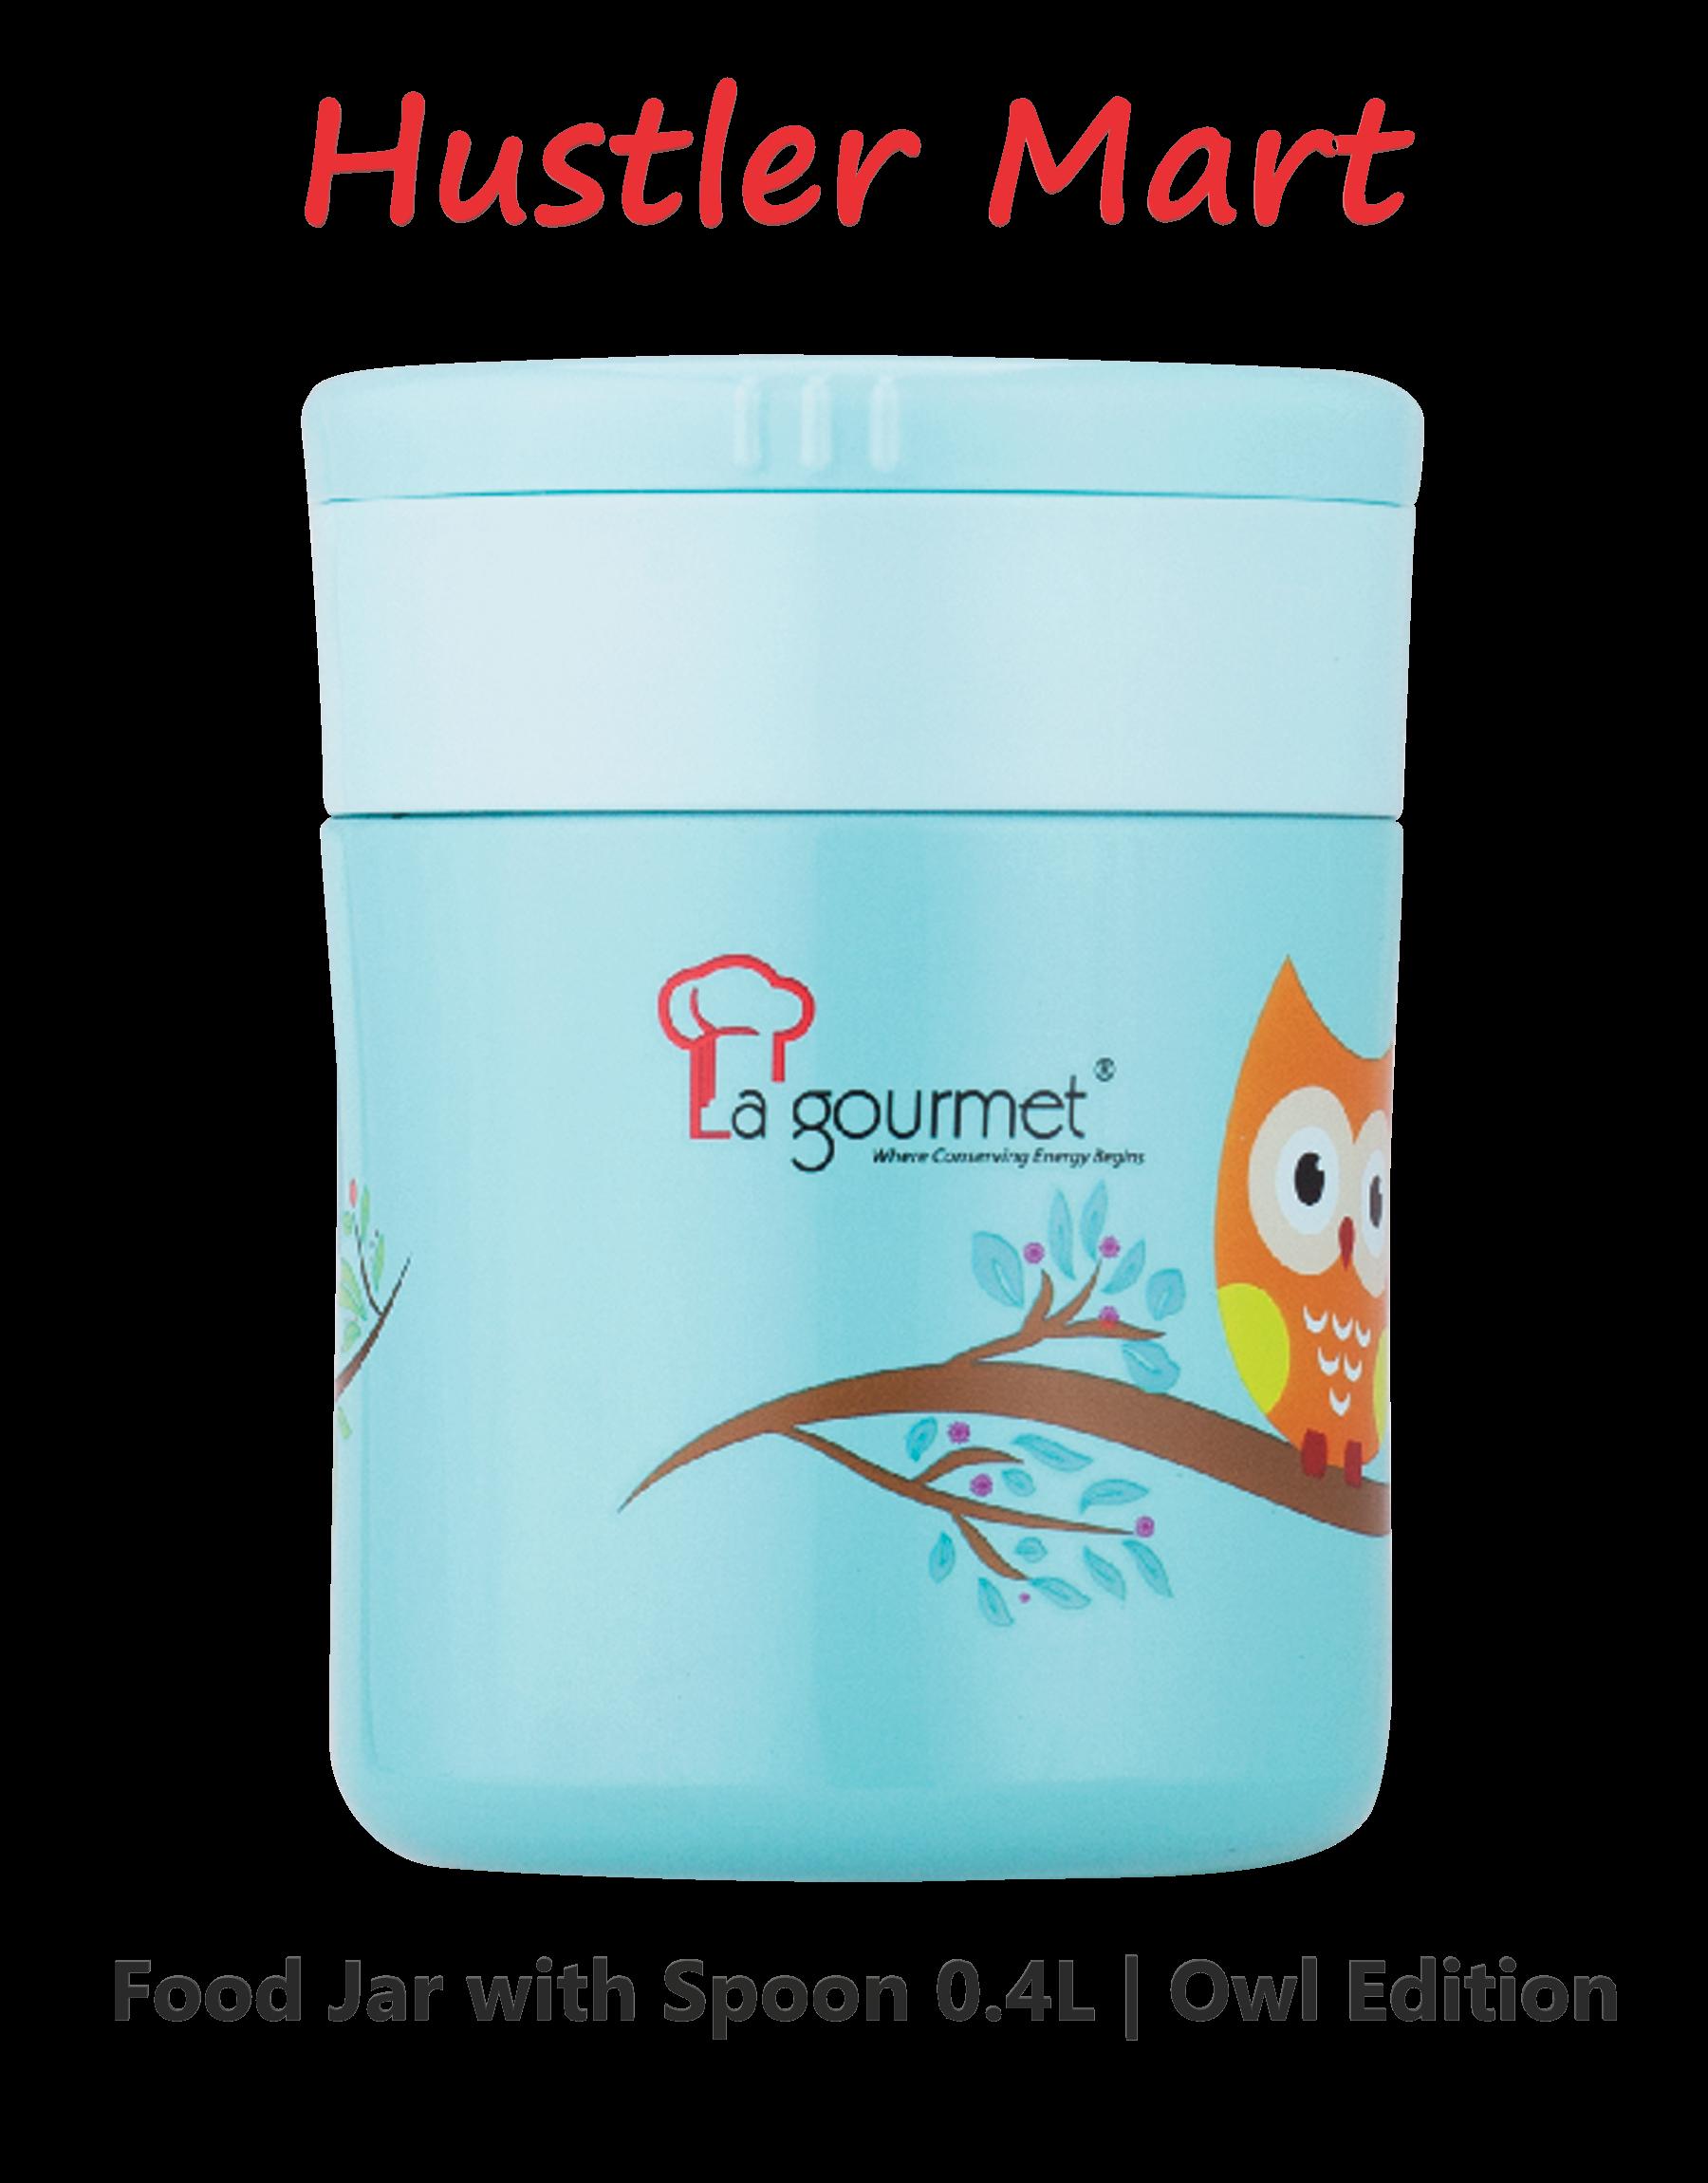 La gourmet Owl 0.4L Thermal Food Jar with Spoon